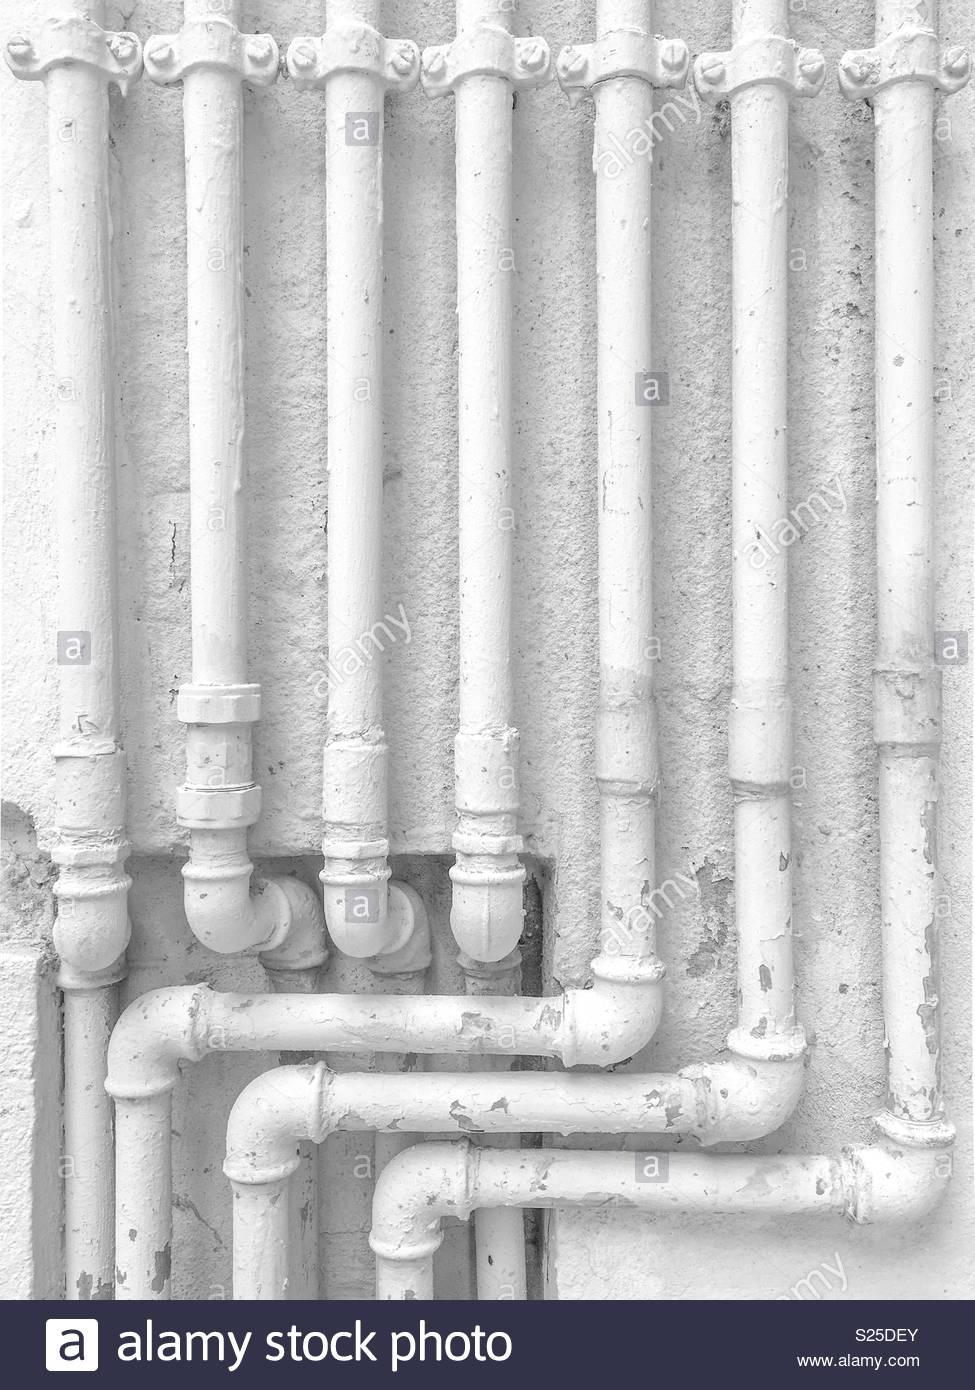 Bianco e nero colpo di alcune vecchie tubazioni Immagini Stock